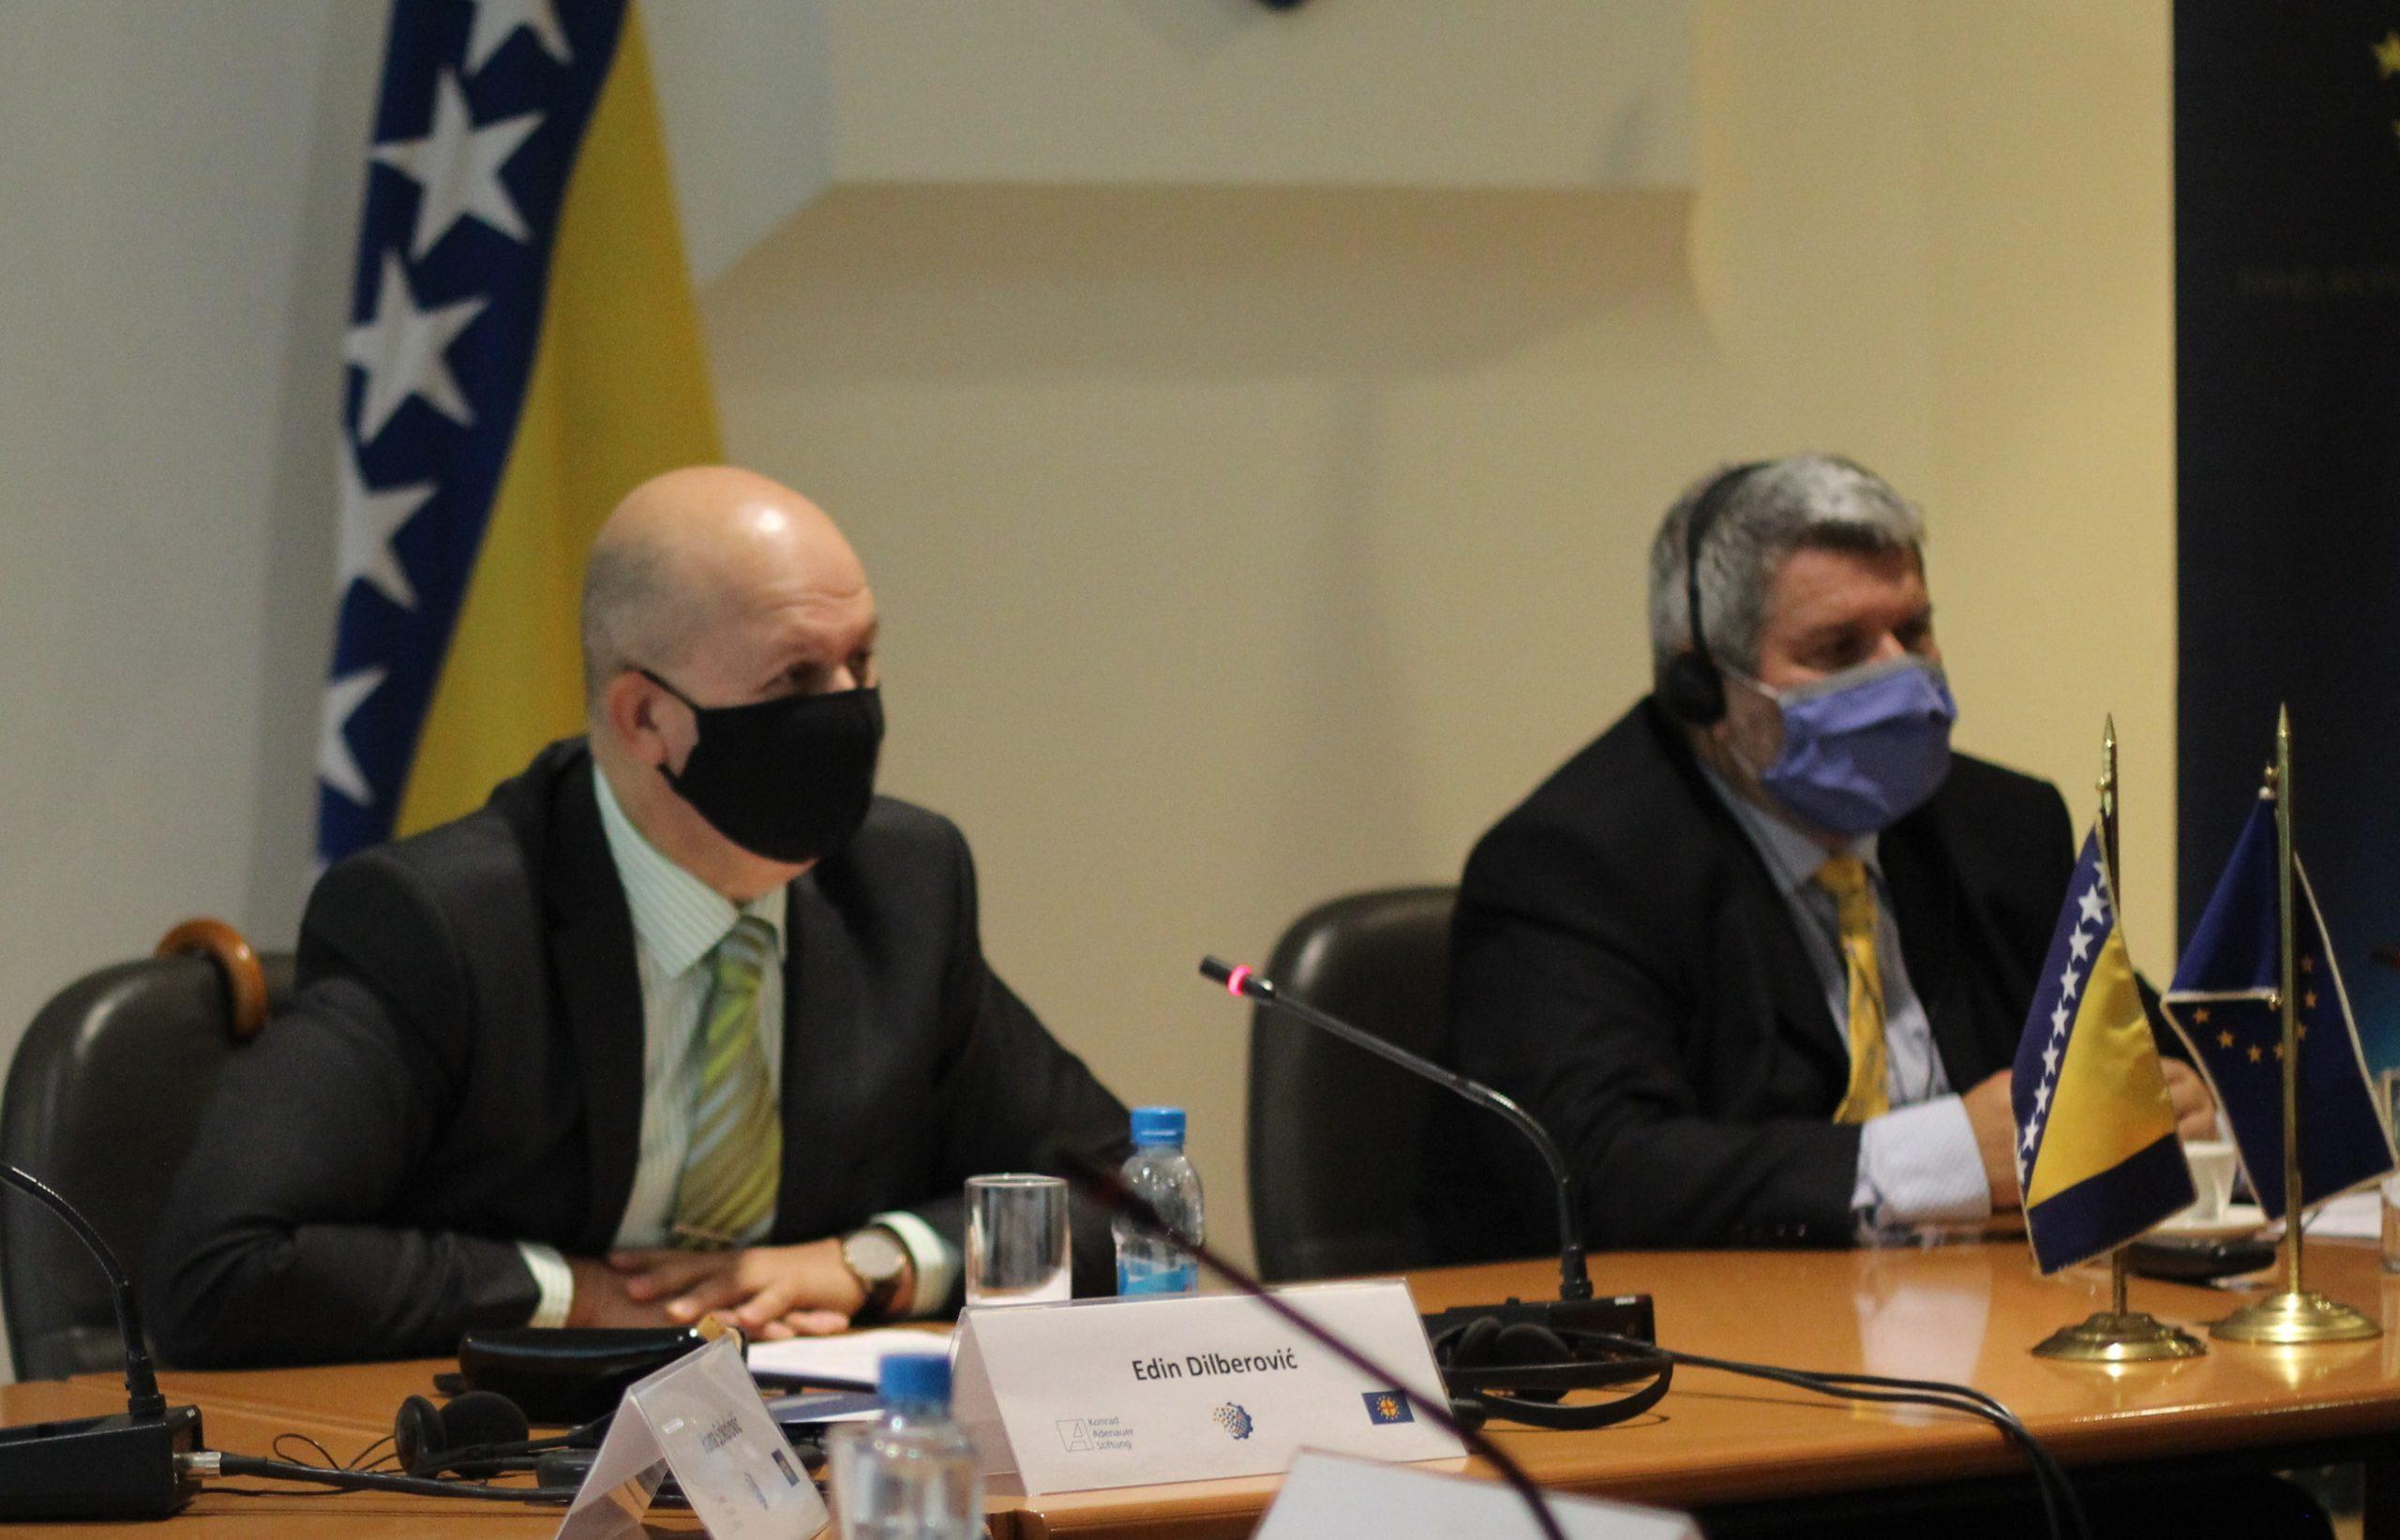 Dilberović pojasnio šta 14 prioriteta EU znači za BiH